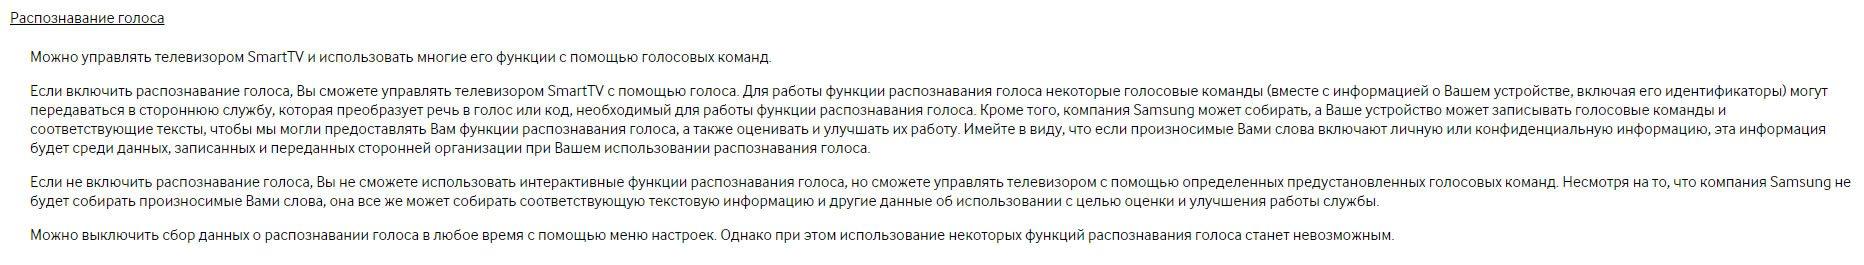 Локальная политика конфиденциальности Samsung в России – дополнение для SmartTV